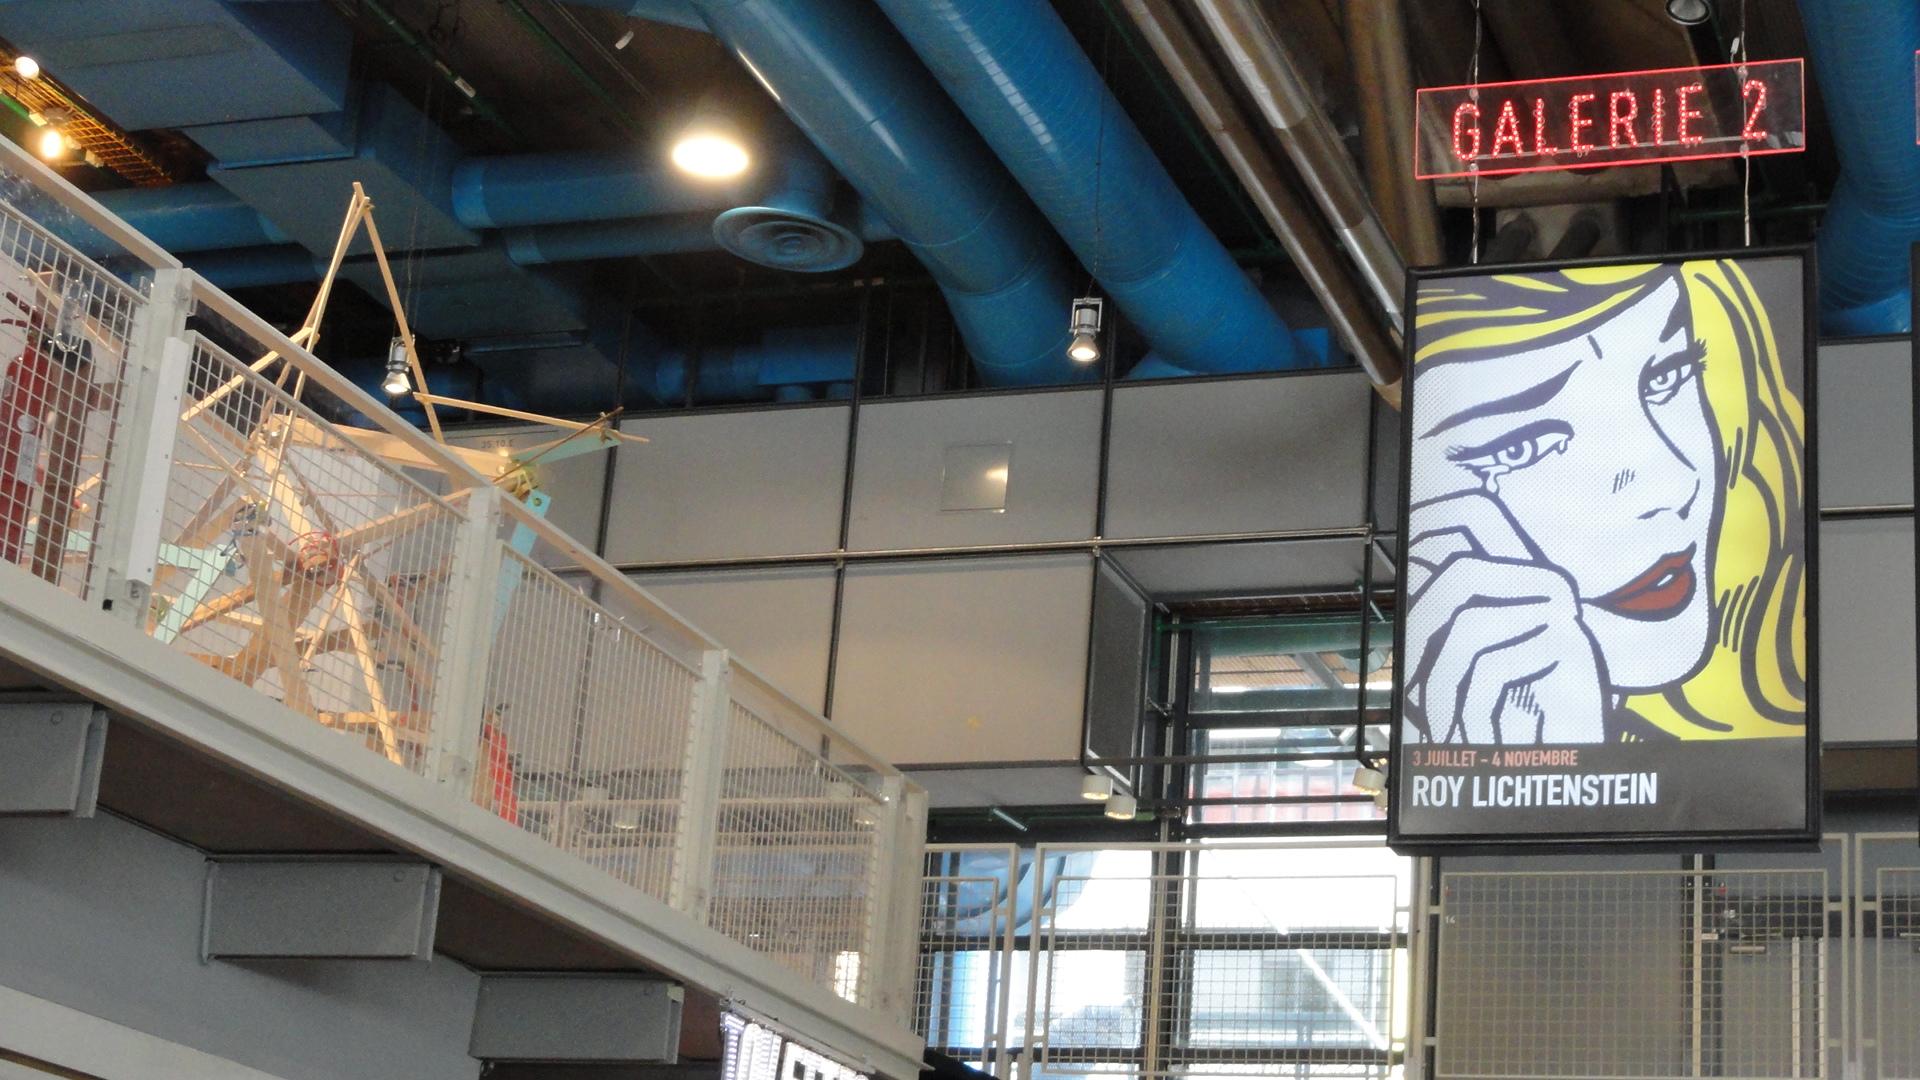 Rétrospective de Roy Lichtenstein, Centre Pompidou - Accueil